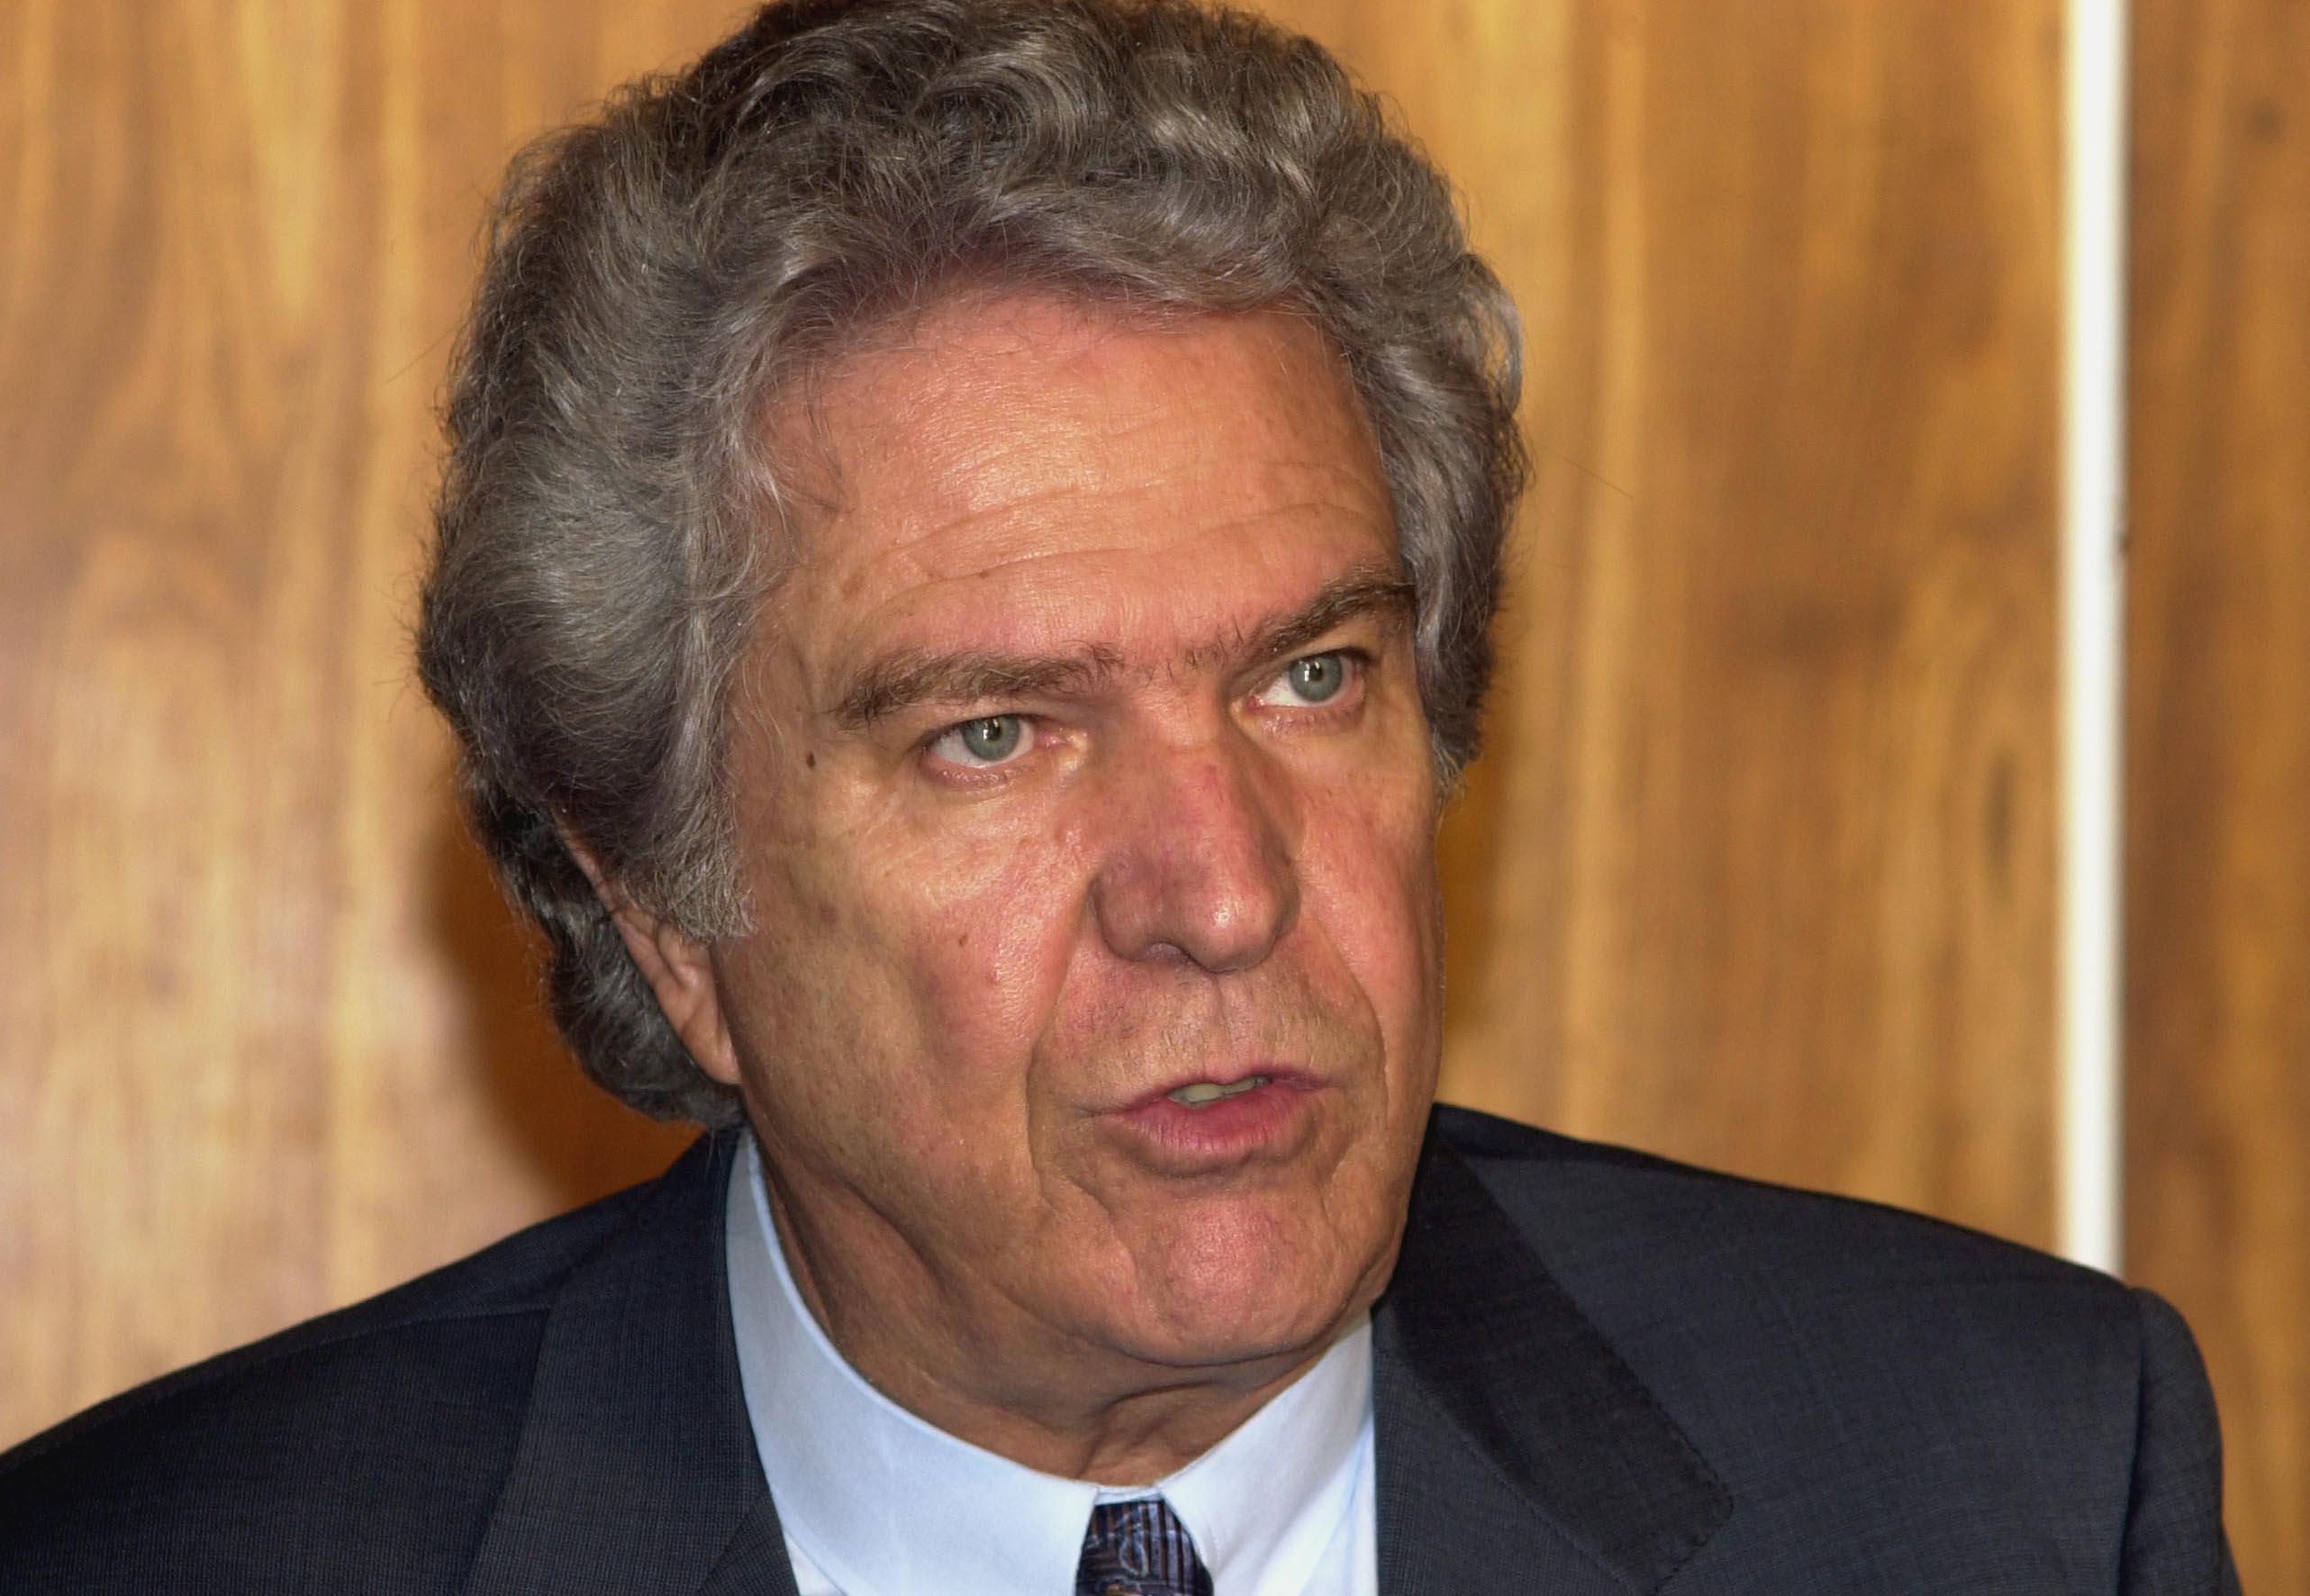 Veja o que saiu no Migalhas sobre Hélio Costa